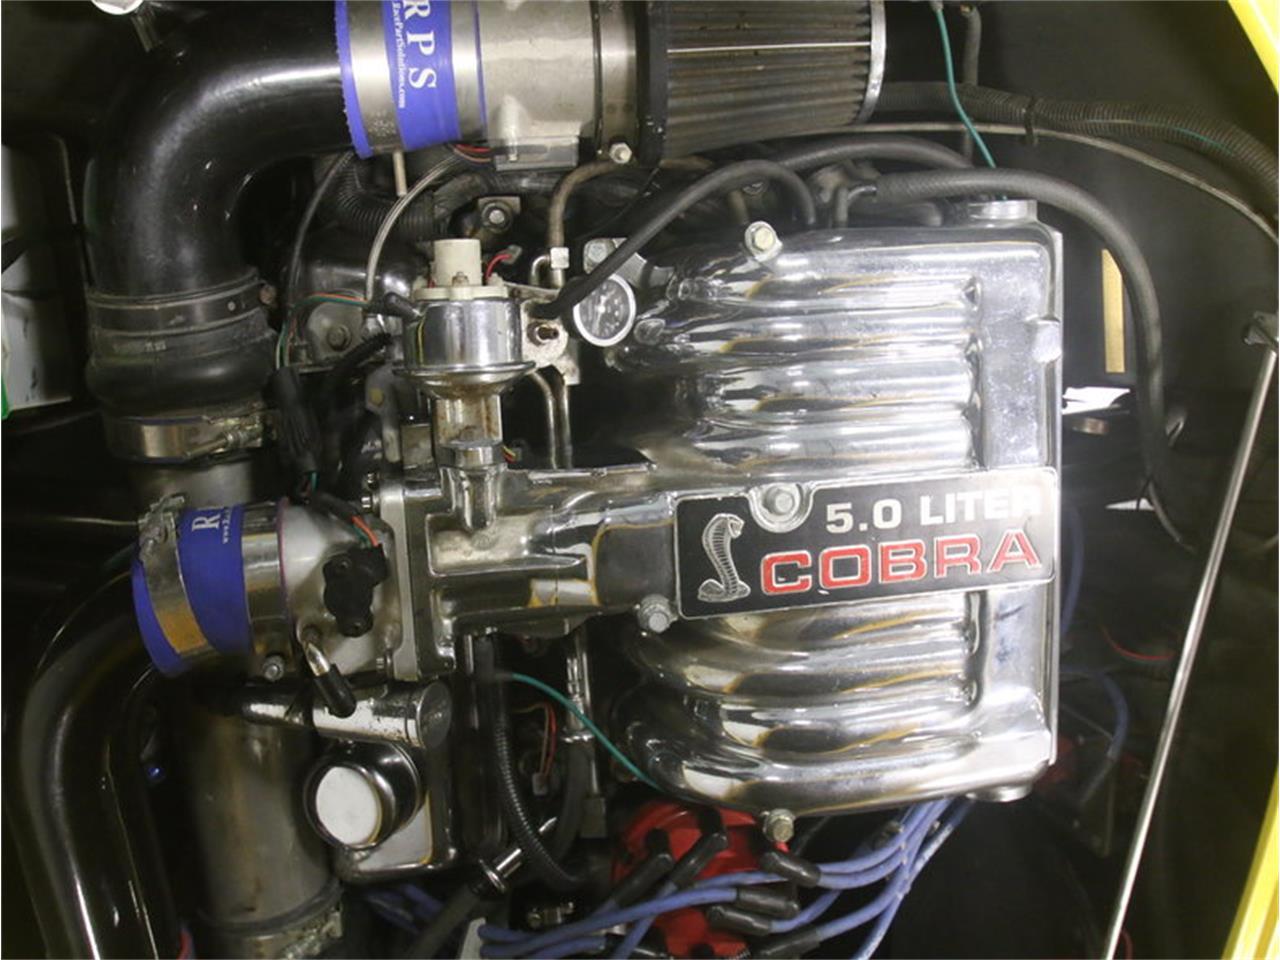 Large Picture of Classic '66 Cobra Replica - $34,995.00 - LAUM